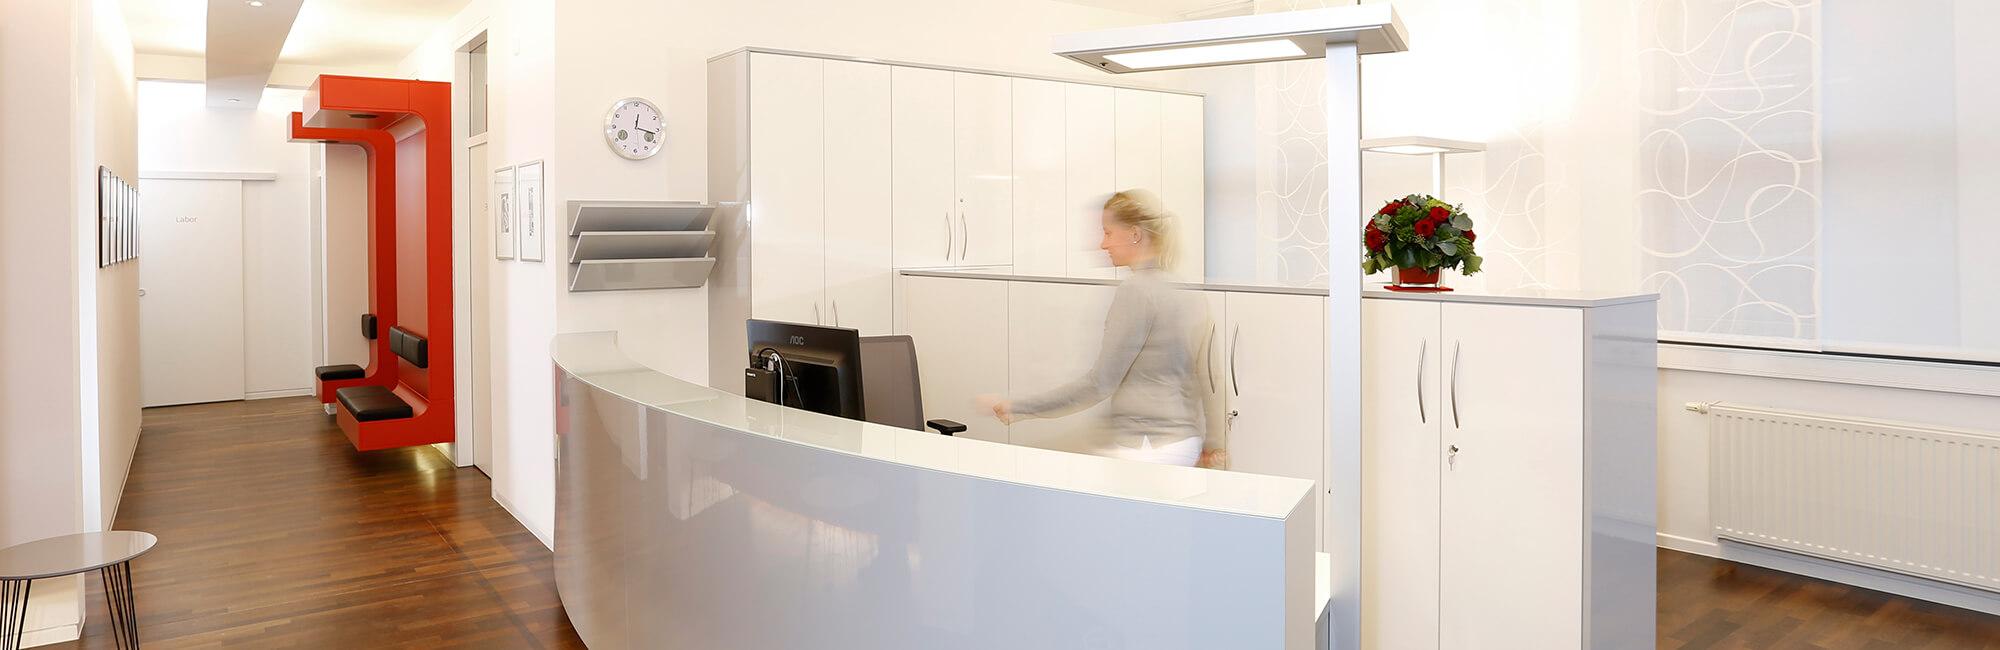 Herz-Kreislauf-Erkrankungen - Köln-Bayenthal - Diekmann - Slider Praxis